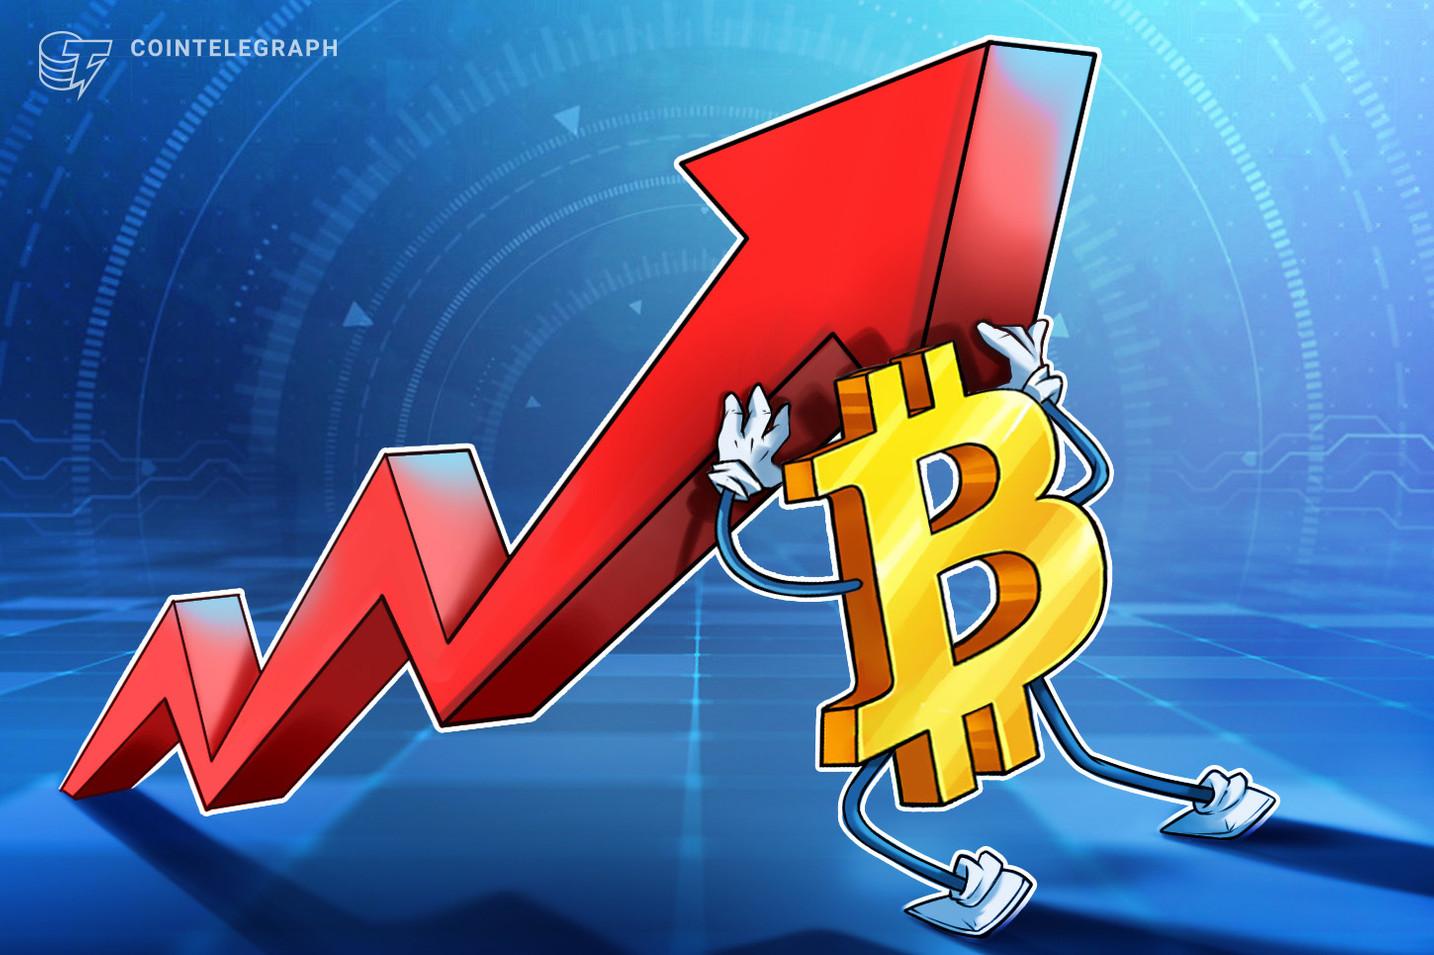 El precio de Bitcoin alcanza los USD 41,000 y luego retrocede después de que los vendedores defendieran la media móvil de 200 días